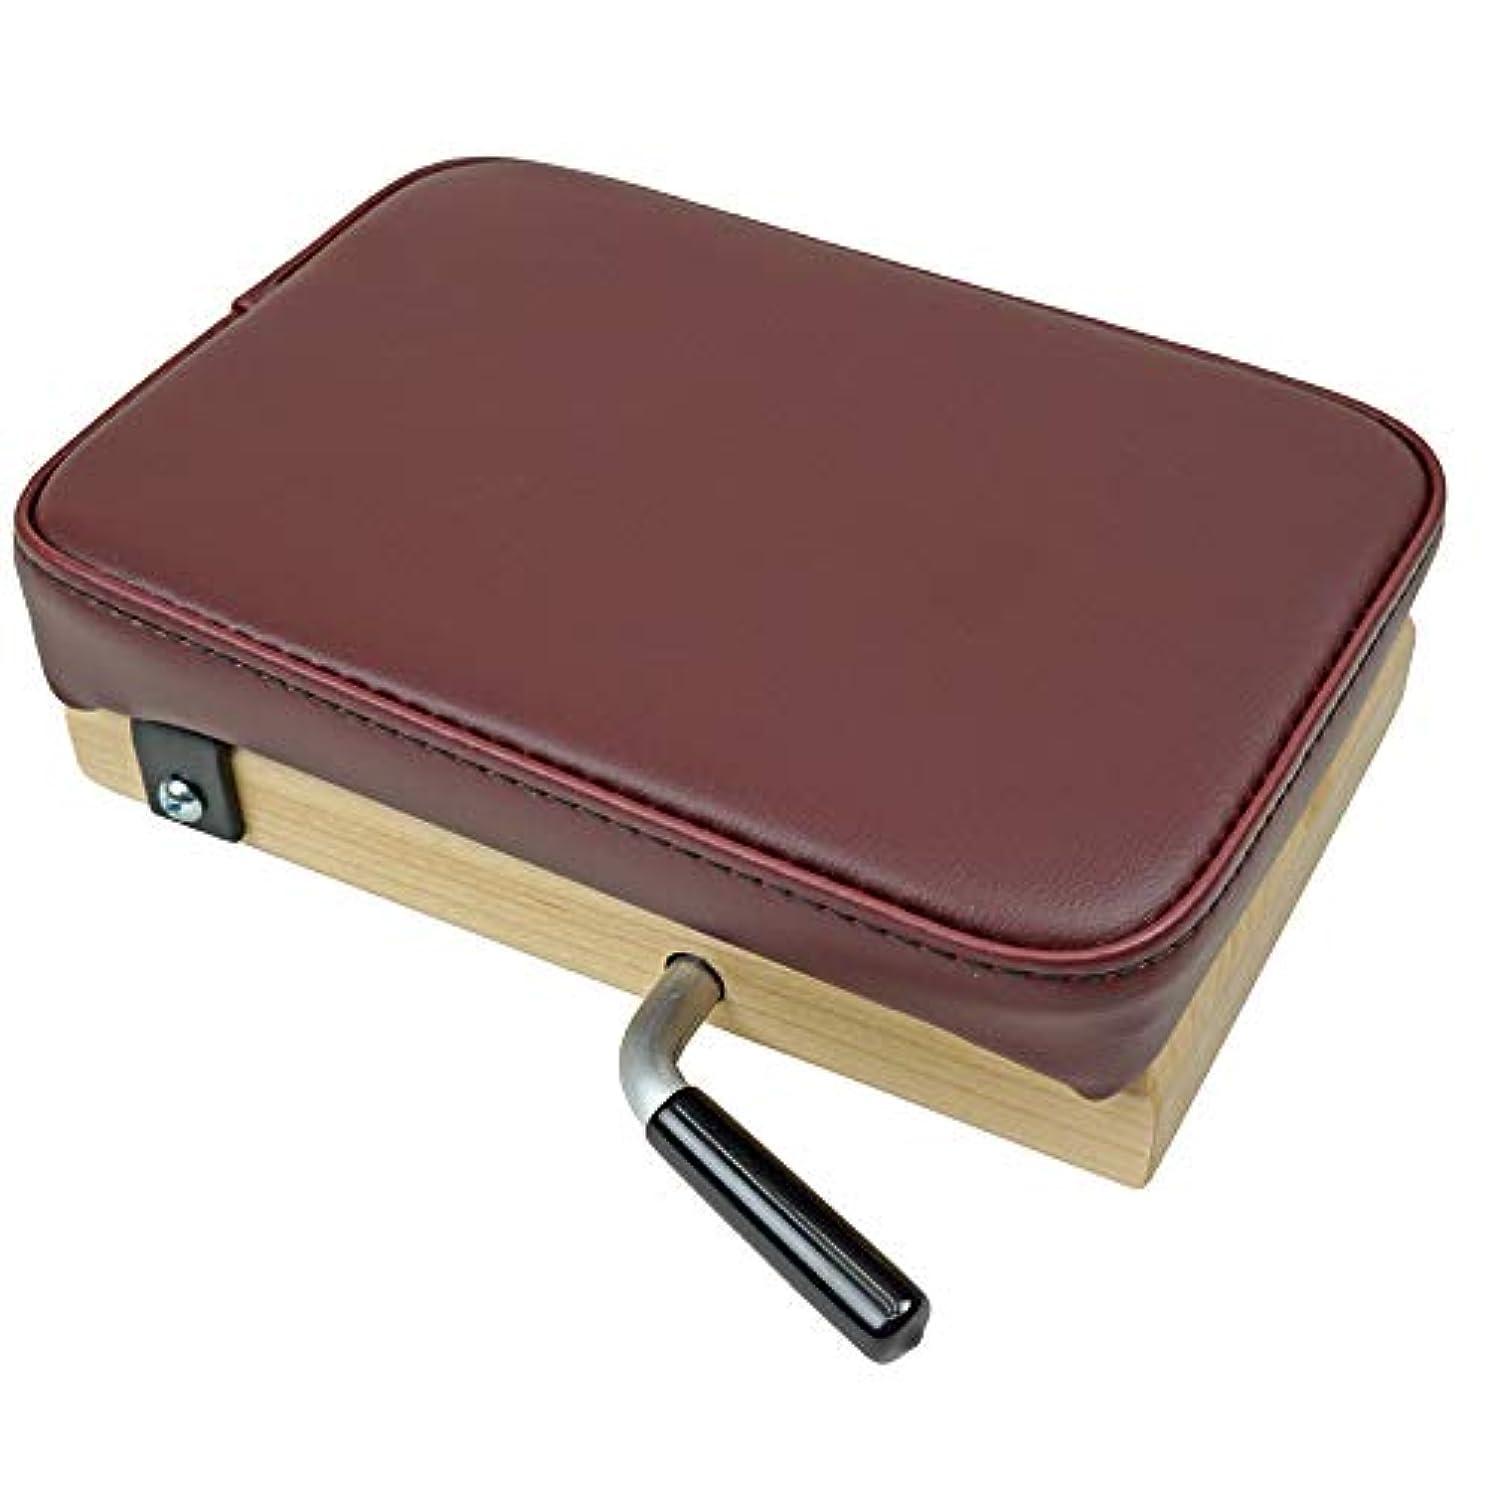 ベース報復する窓を洗うTHULI TABLE (ツゥーリテーブル) ポータブルドロップB シングルクッション ドロップ 四肢用 手関節 足関節 の アジャストに